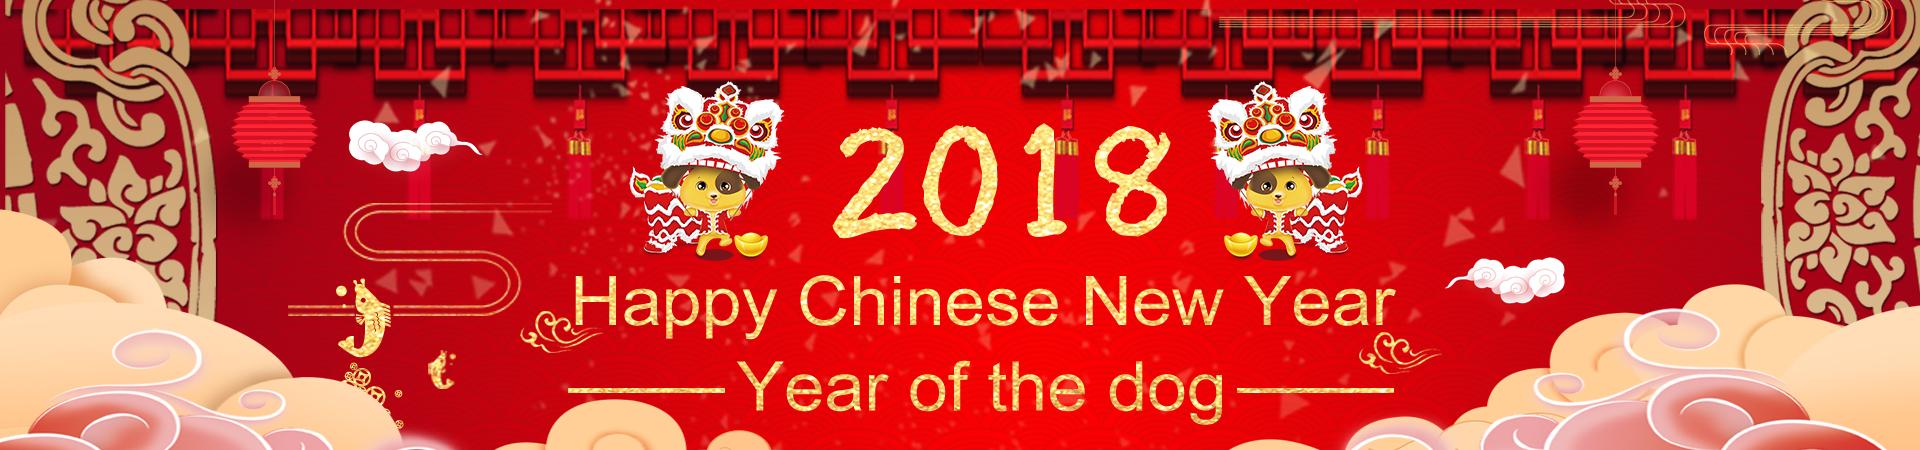 Chinese New Year Celebration Guangzhou